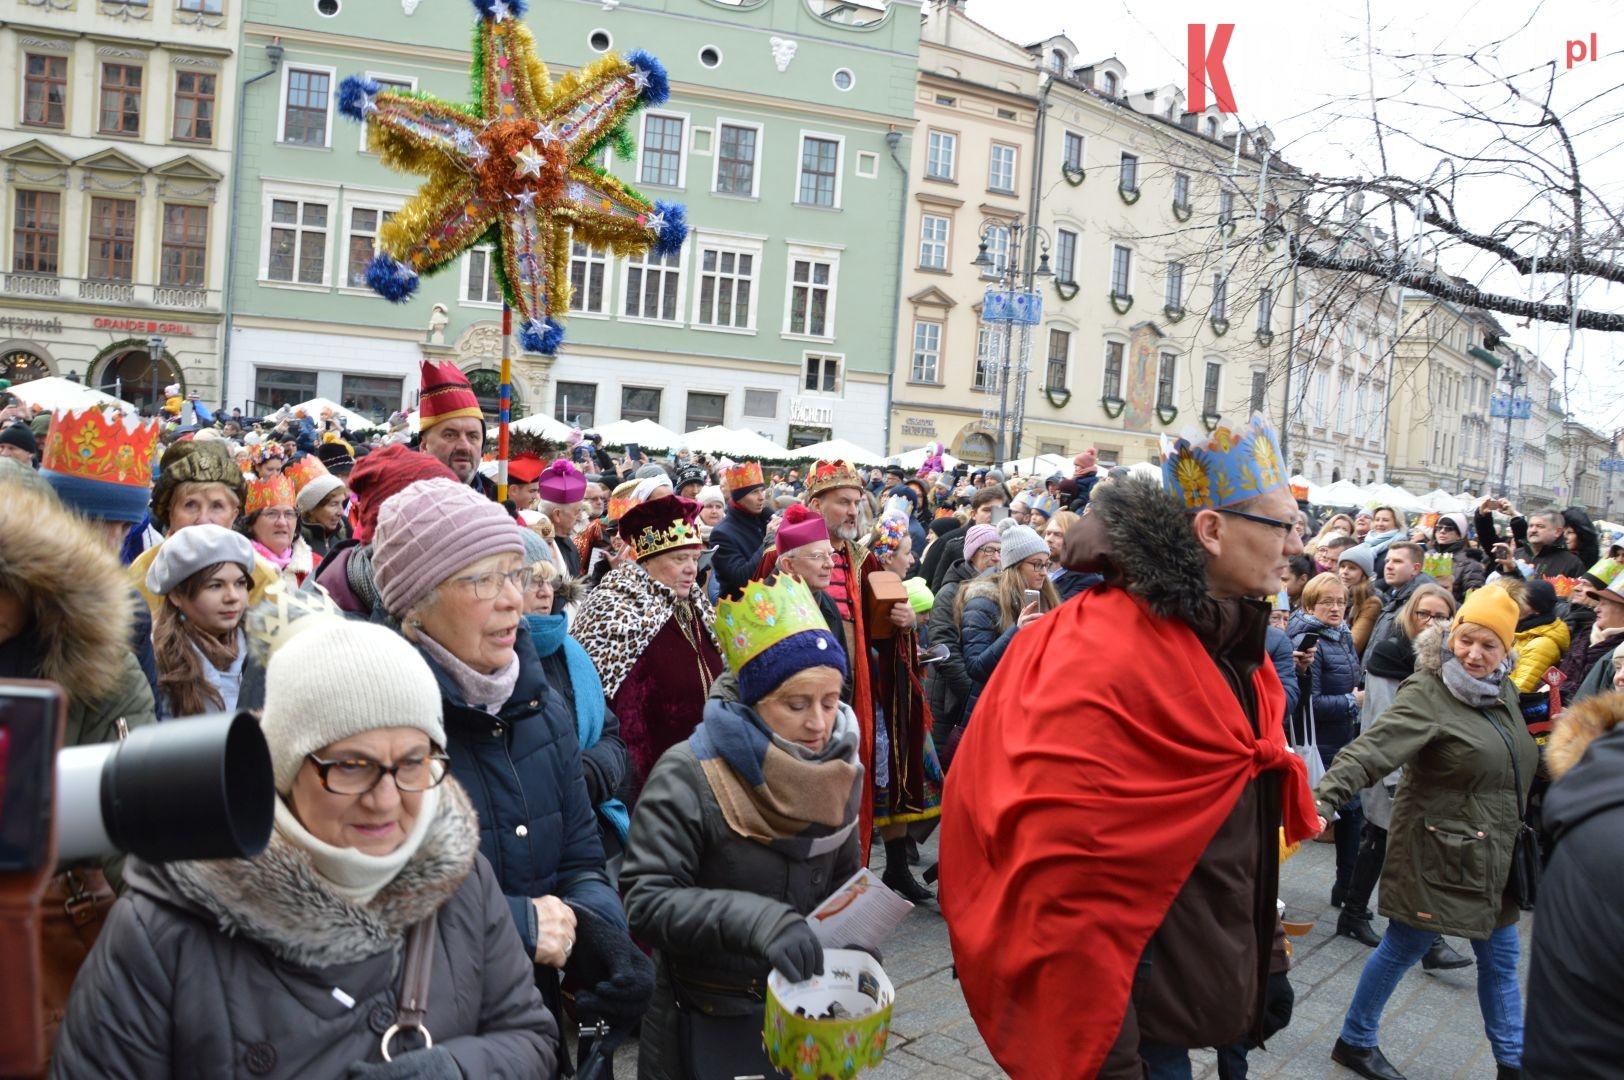 orszak 42 1 150x150 - Orszak Trzech Króli Kraków 2020 Galeria Zdjęć z Orszaku (czerwonego)